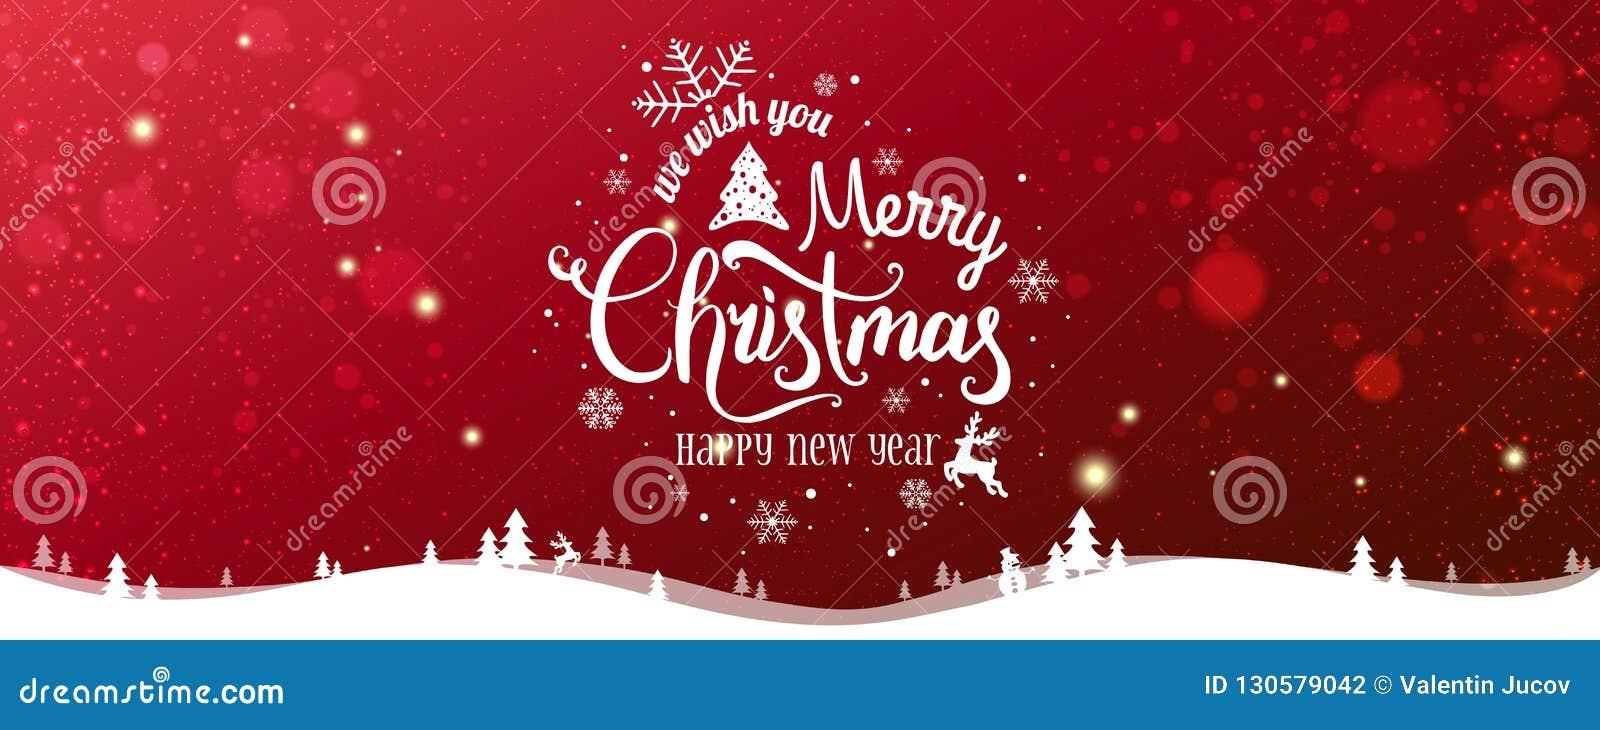 Boże Narodzenia i nowy rok Typographical na śnieżnym Xmas tle z zima krajobrazem z płatek śniegu, światło, grają główna rolę